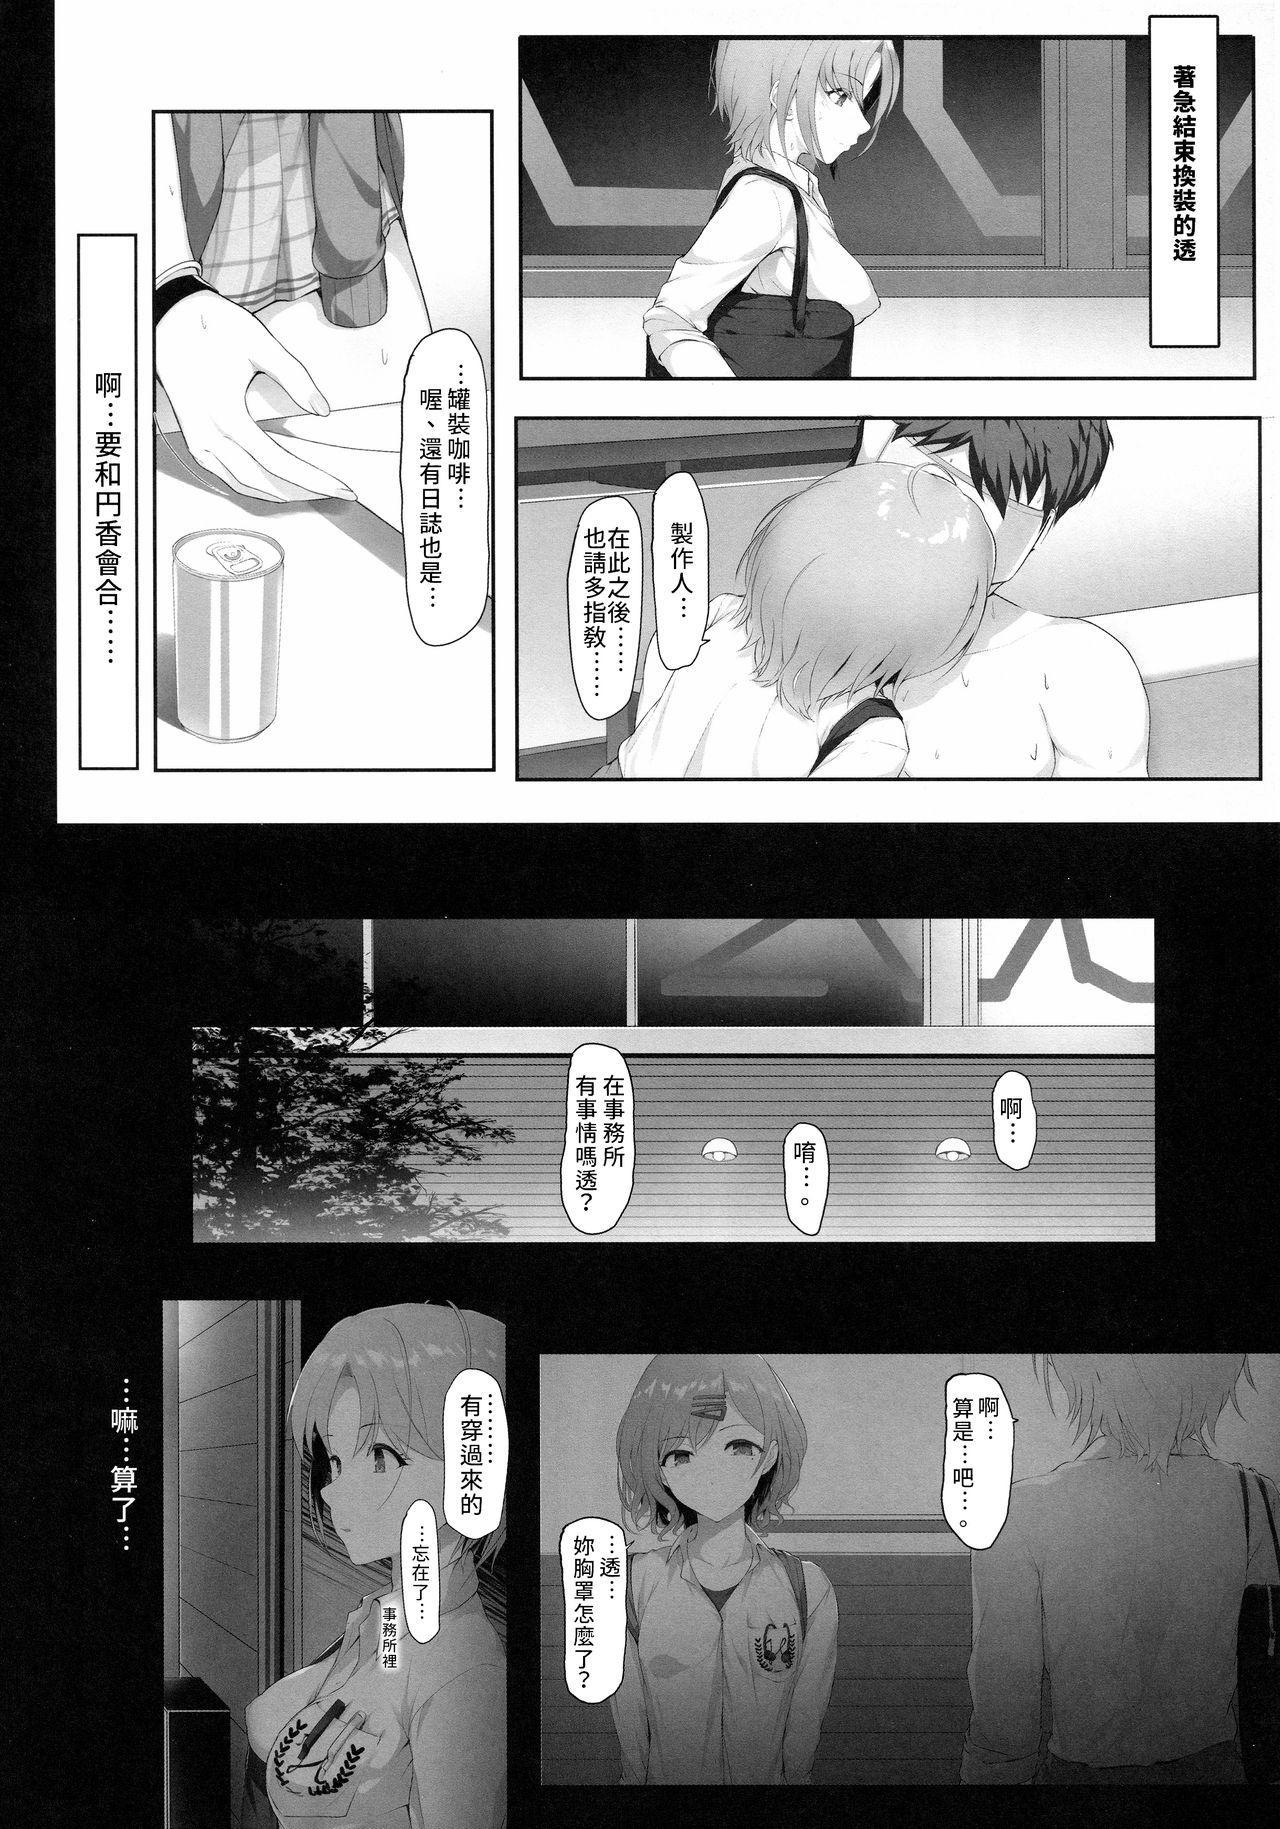 Kyou no Dekigoto Asakura Toru 20